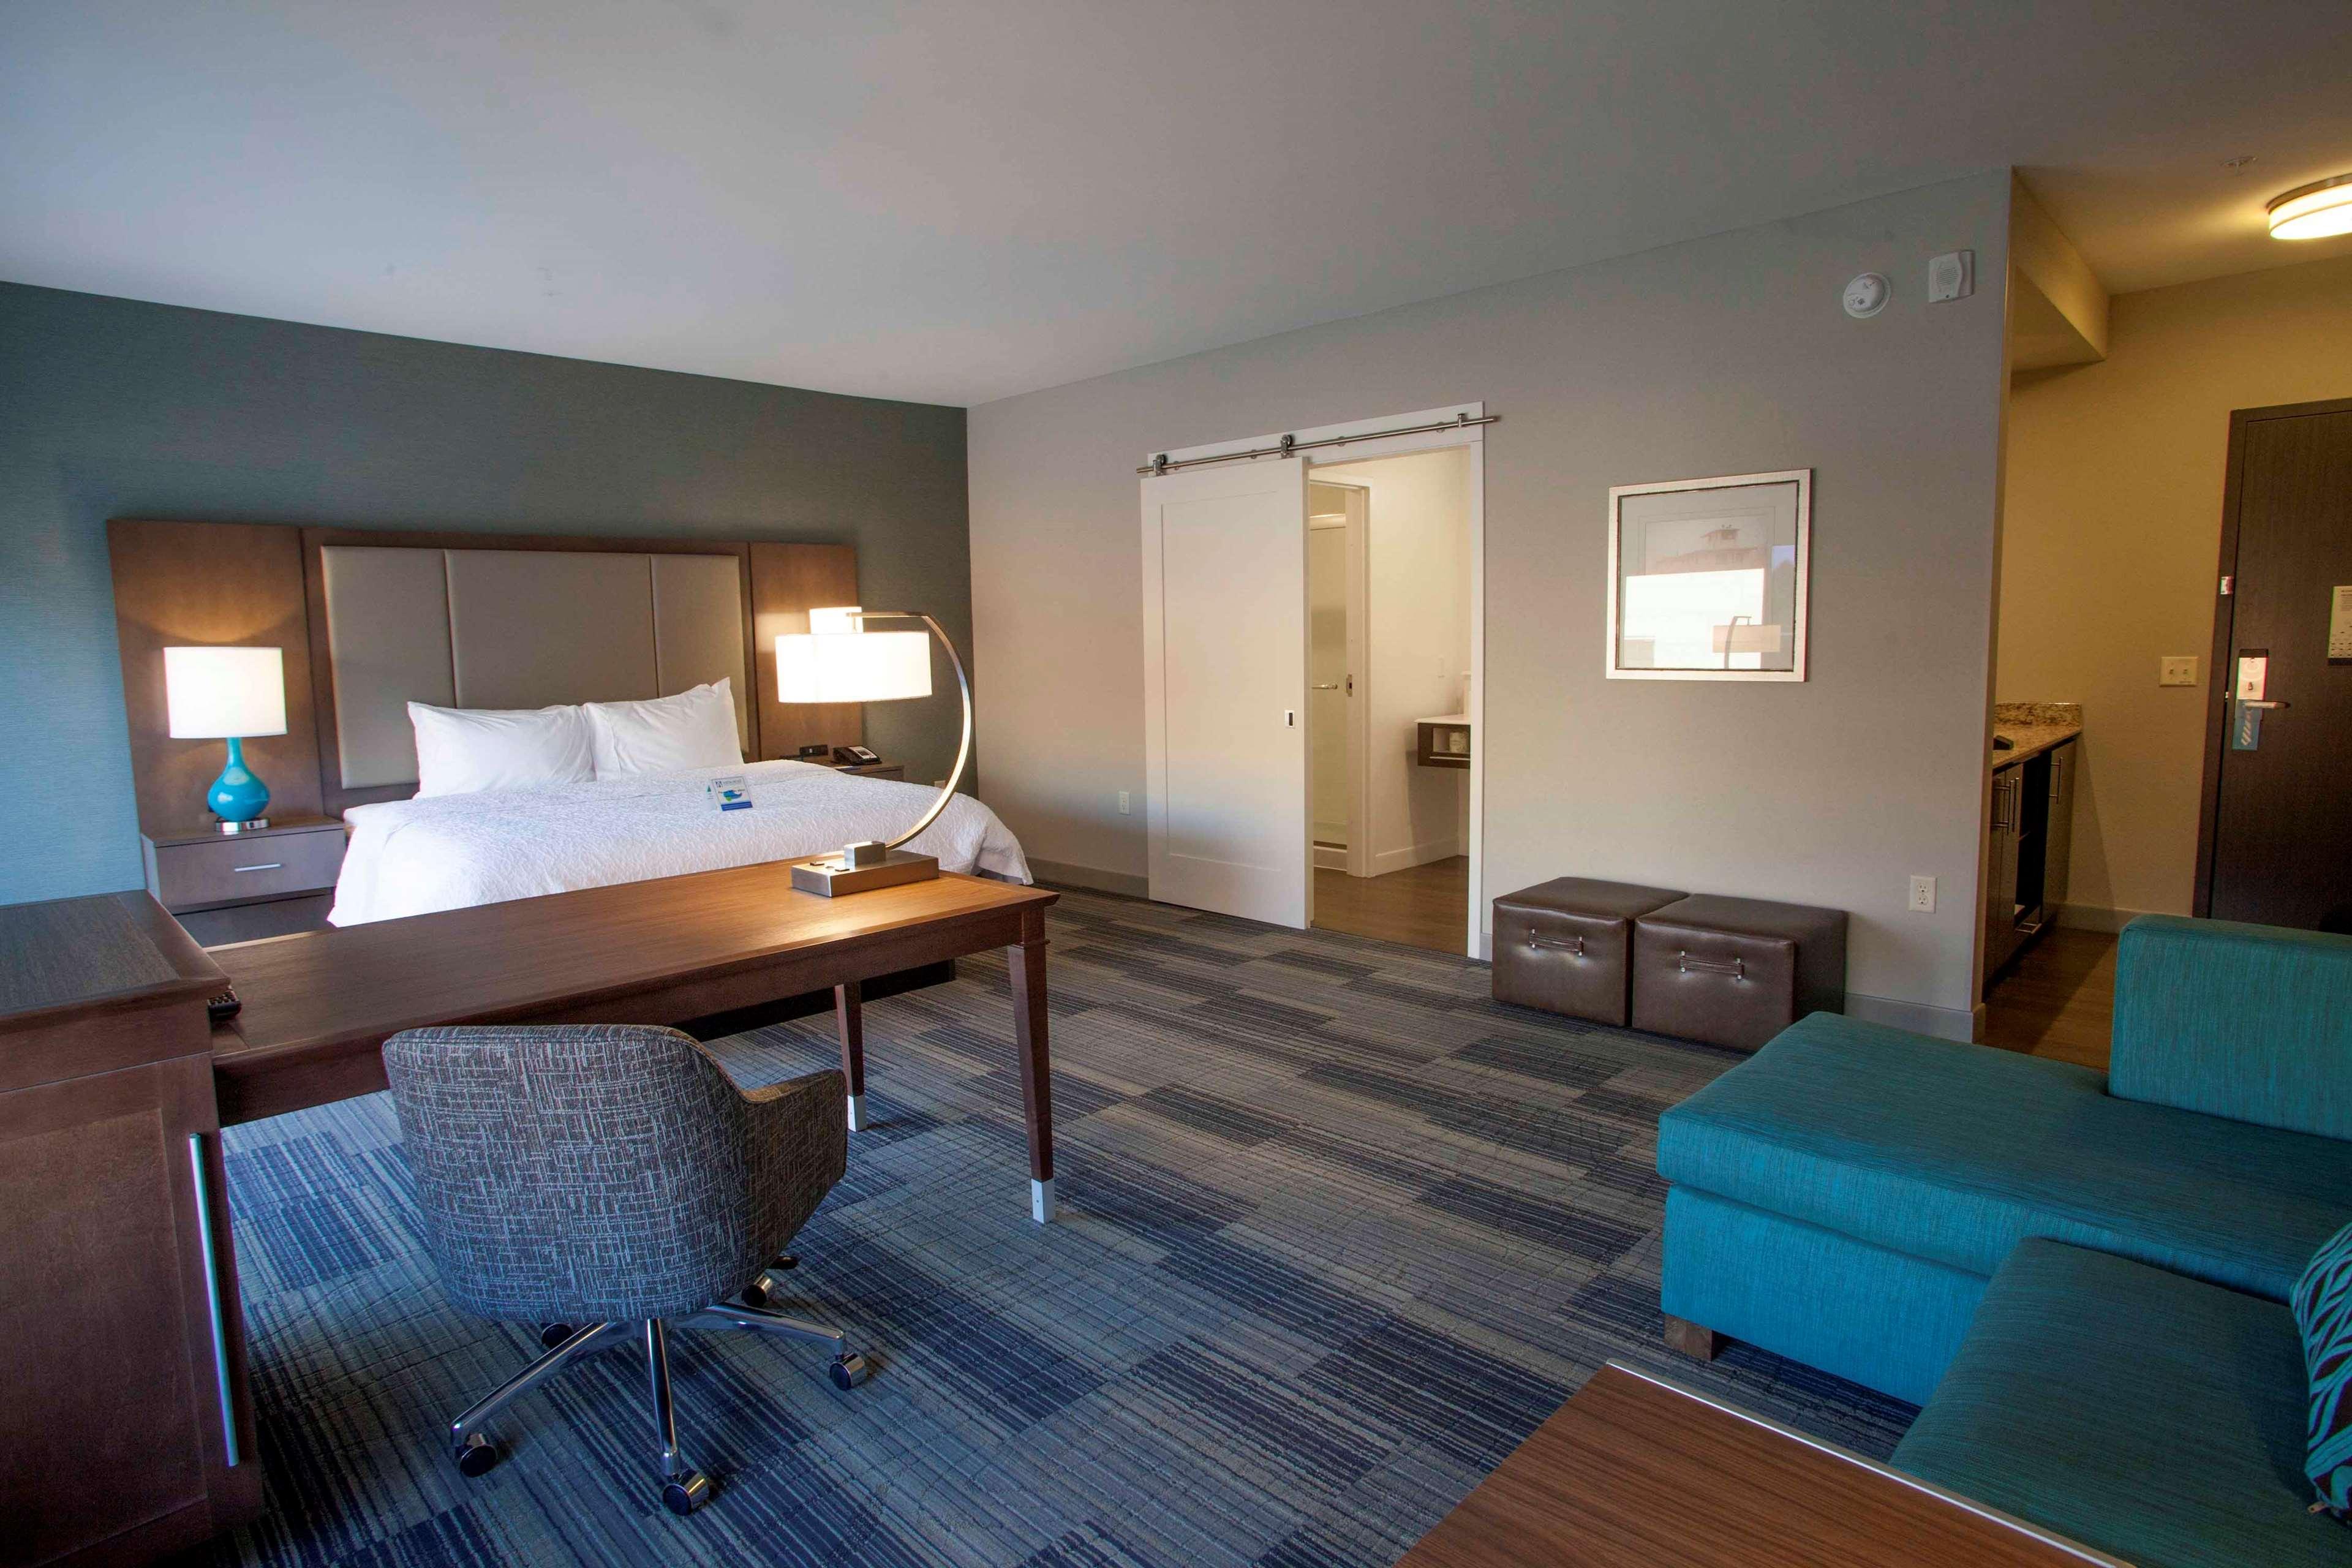 Hampton Inn & Suites Downtown St. Paul image 39